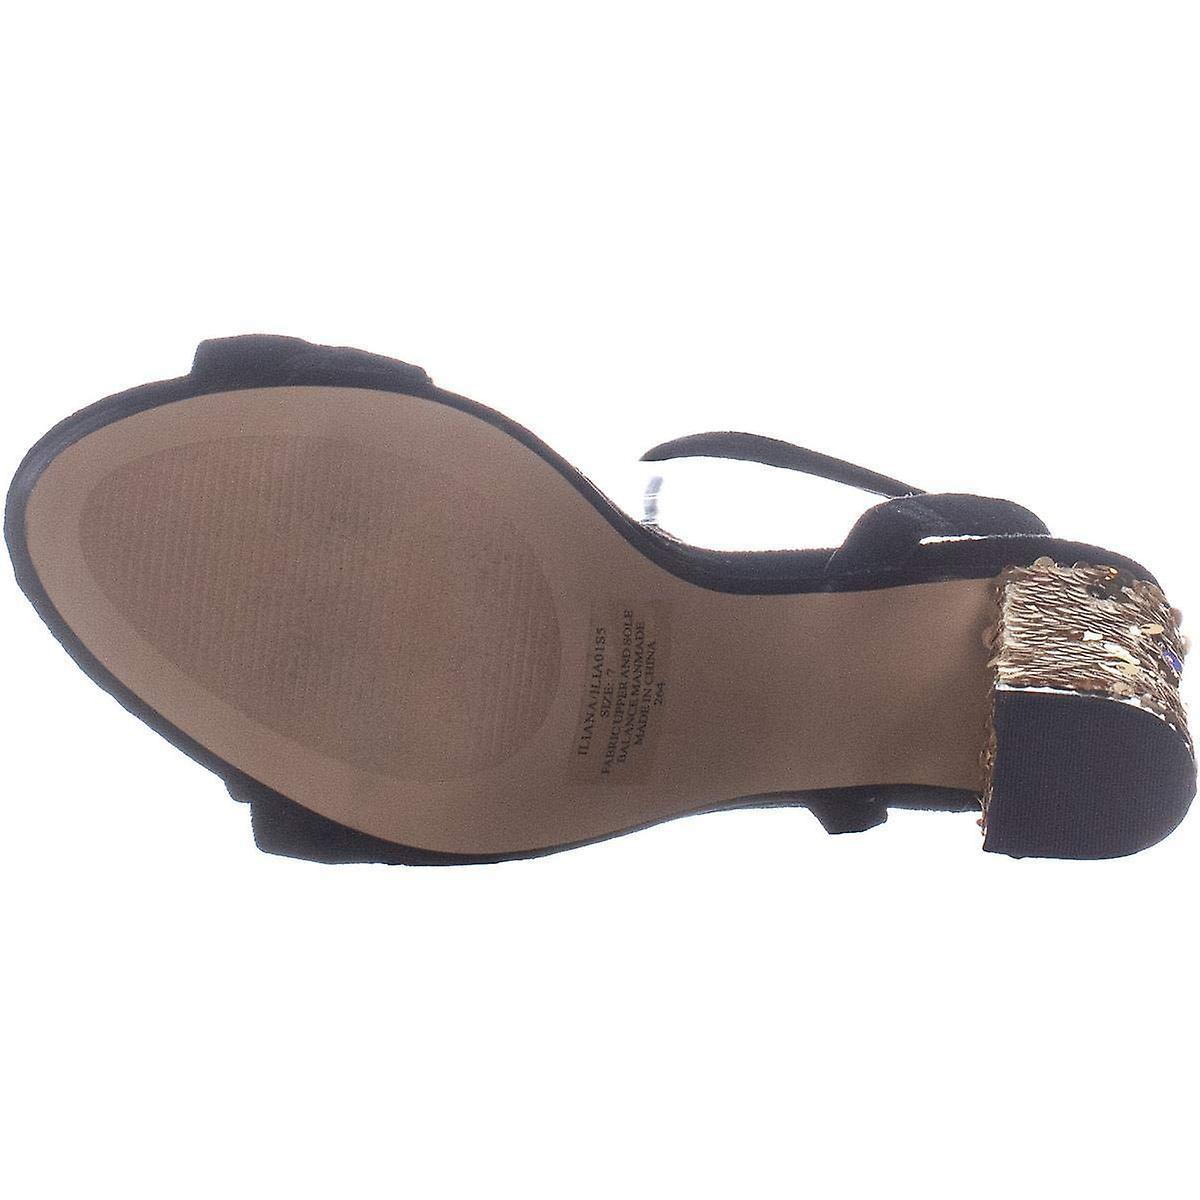 Betsey Johnson Odzież tkaniny Iliana Open Toe dorywczo kostki pasek sandały S7yo8